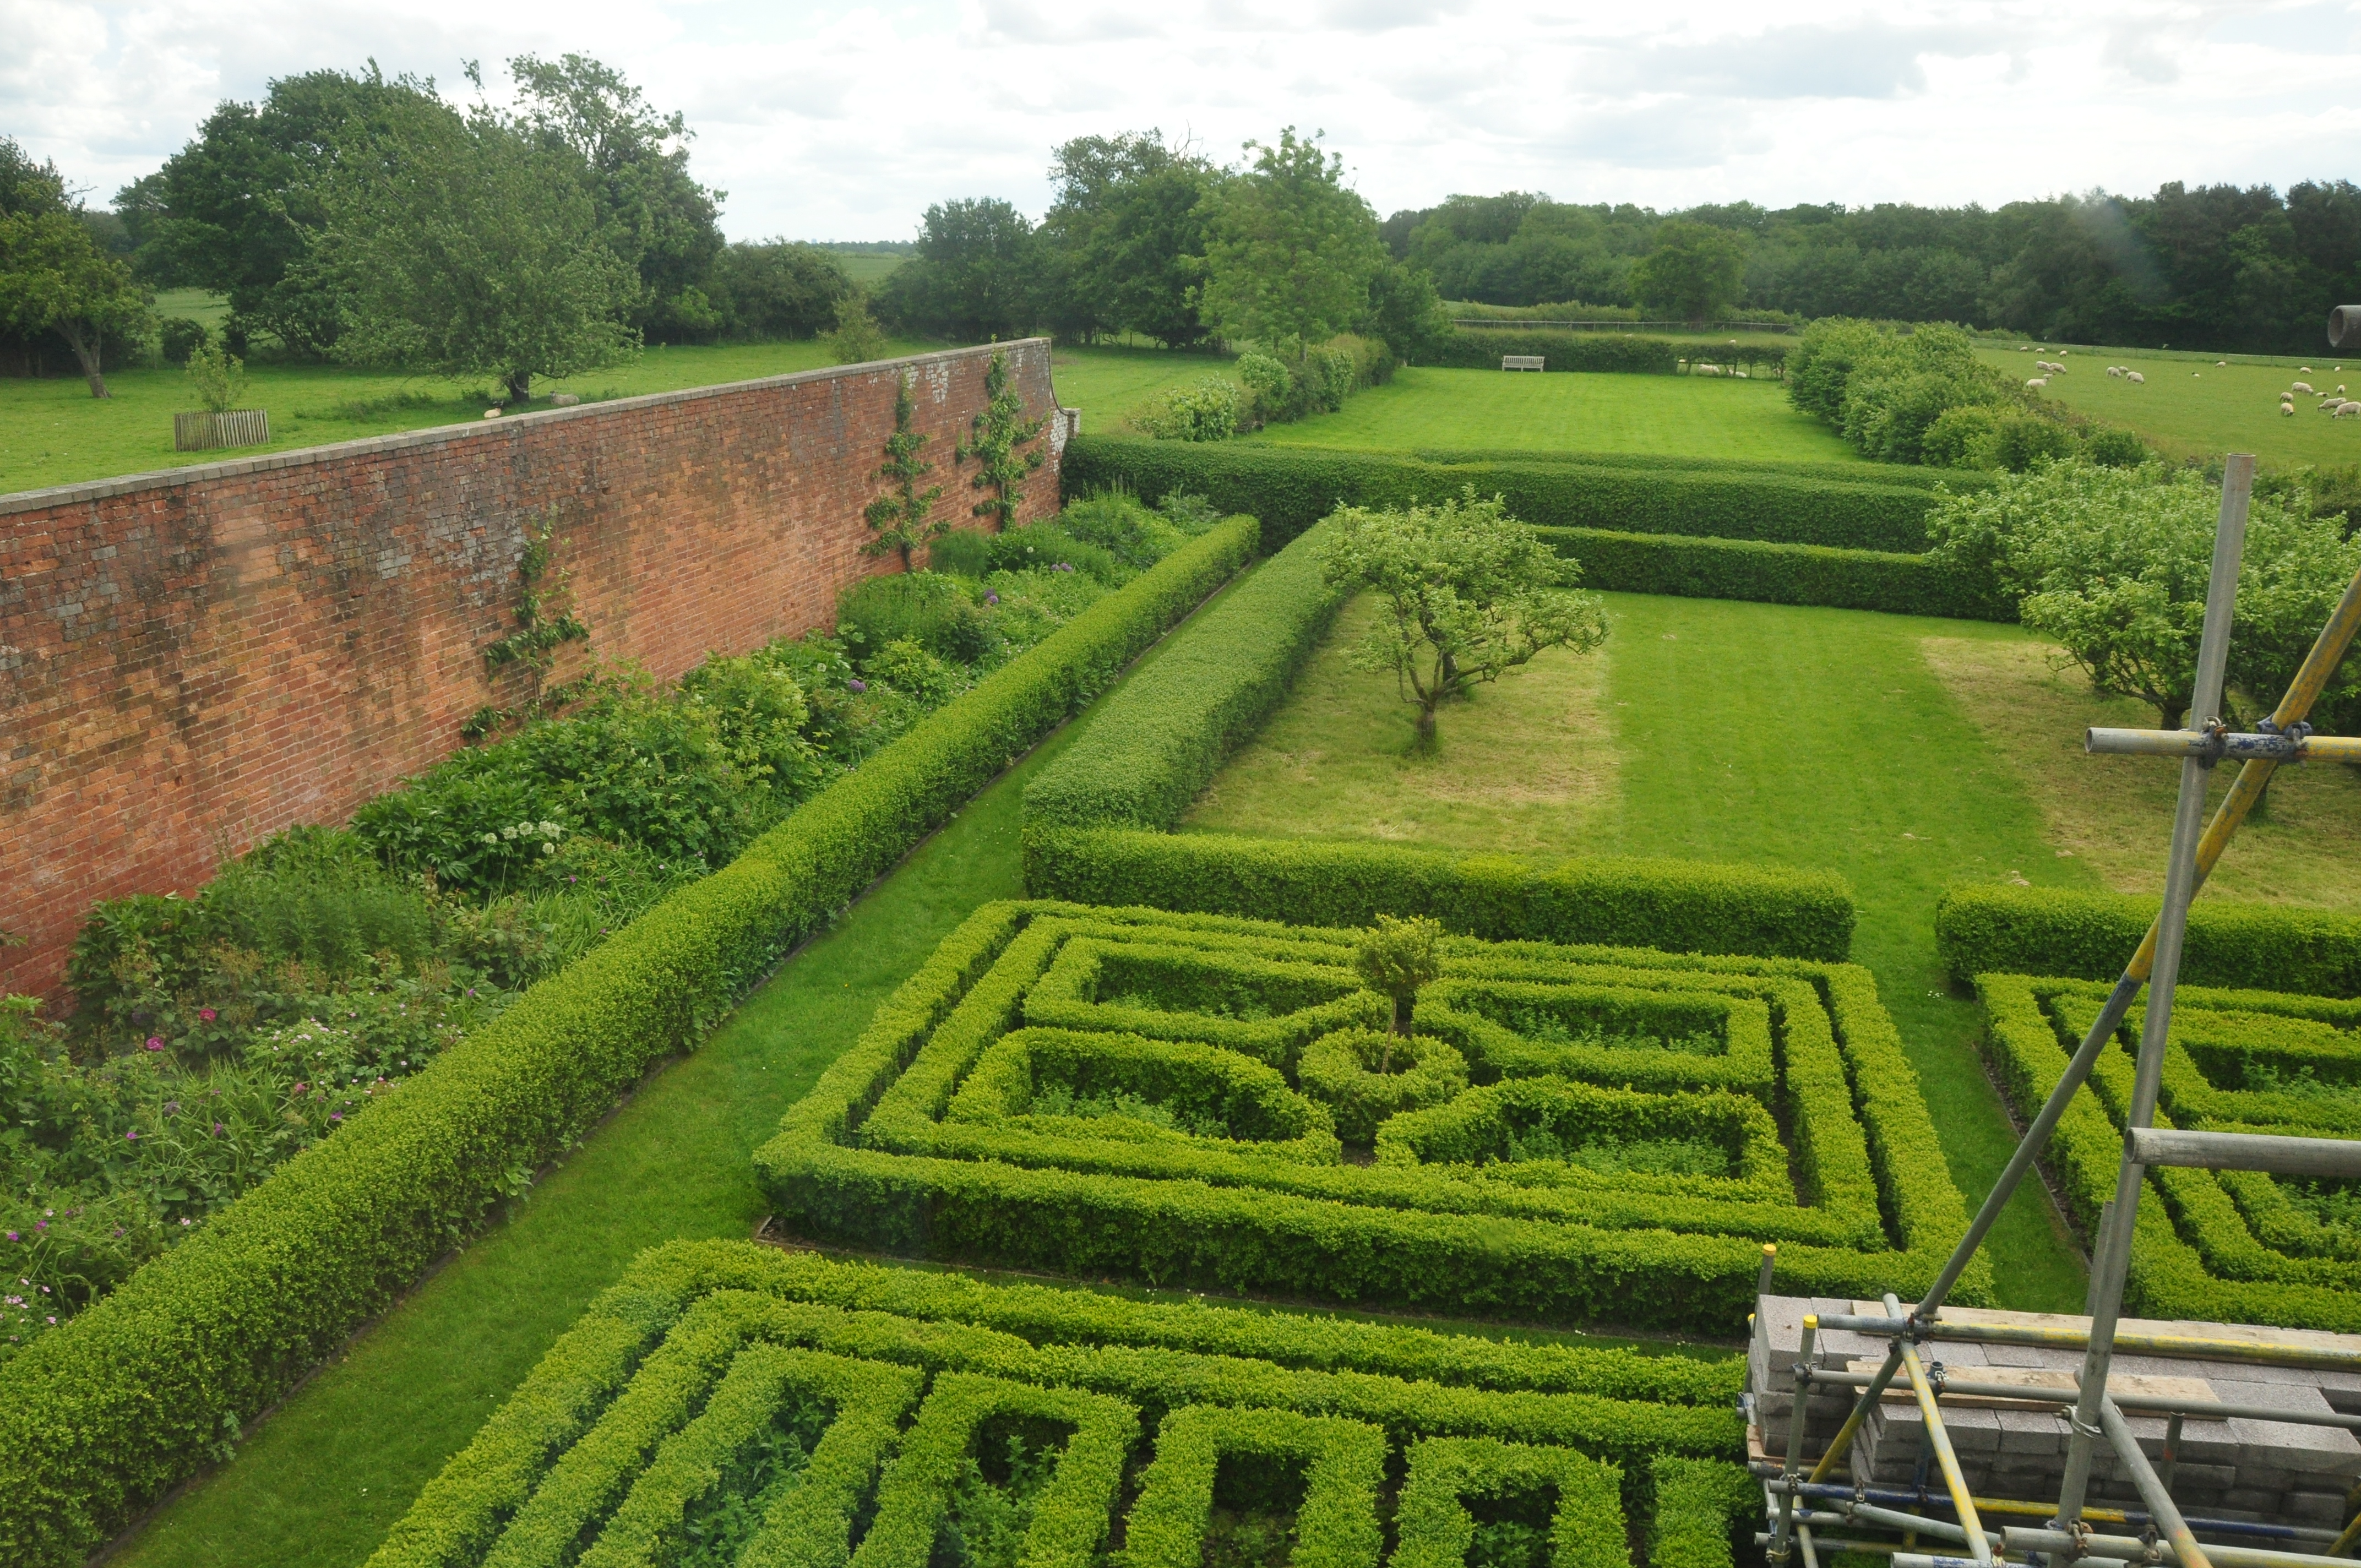 File:Boscobel House gardens (5287).jpg - Wikimedia Commons